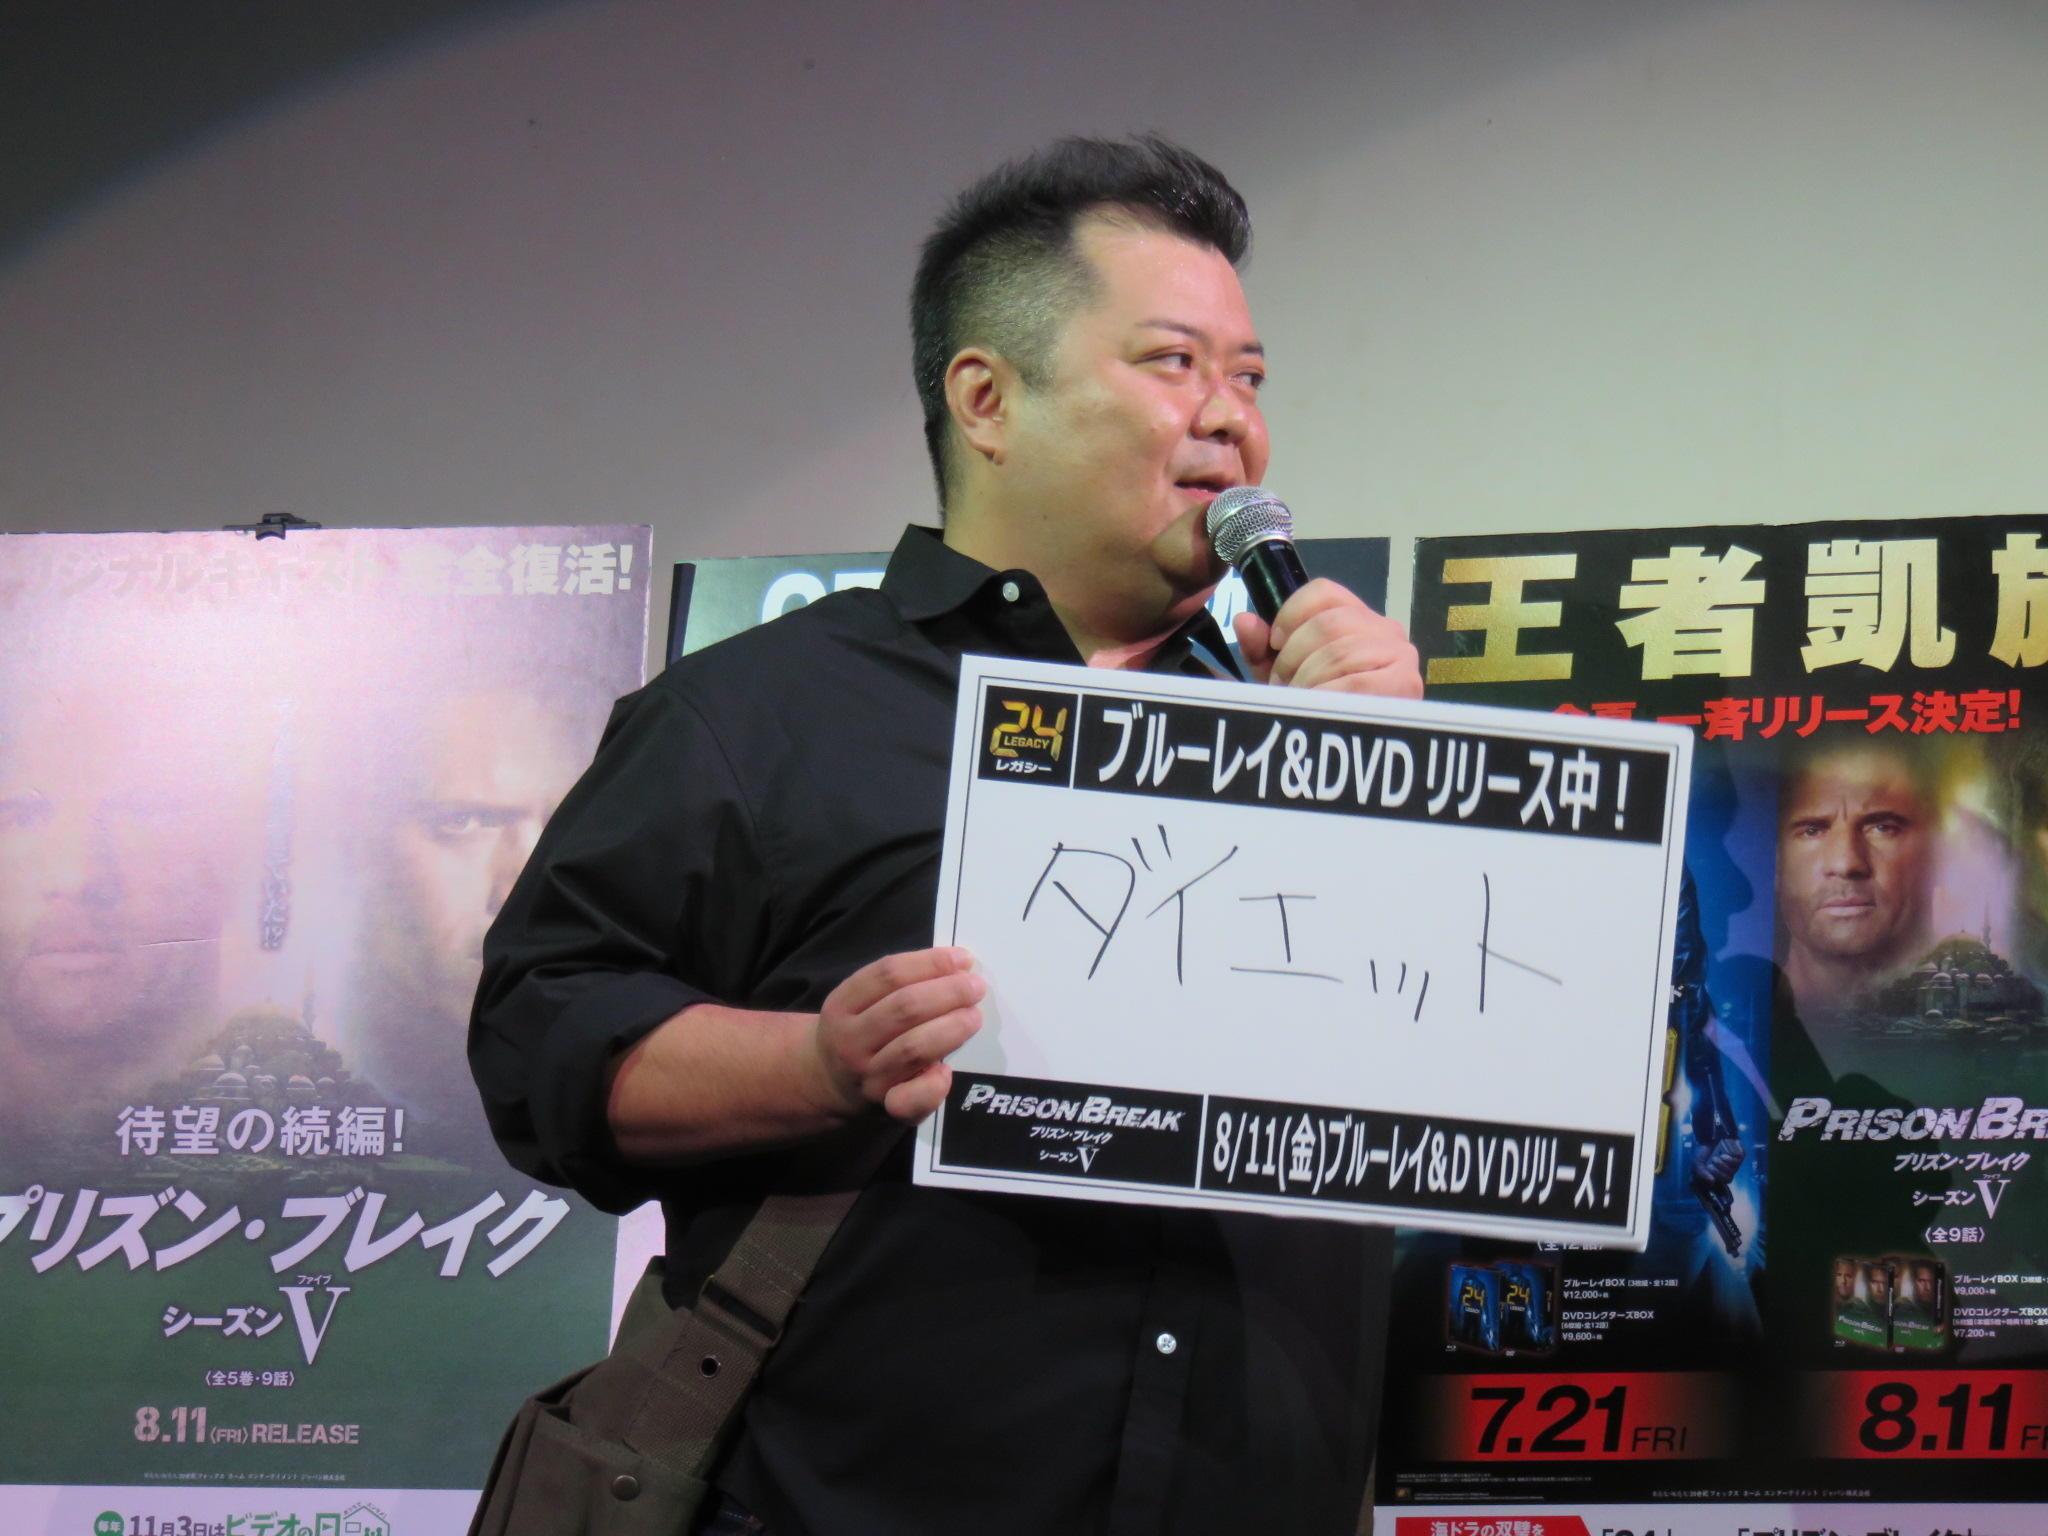 http://news.yoshimoto.co.jp/20170731181931-609006cd289962fe43a76b516128212f6aae2649.jpg